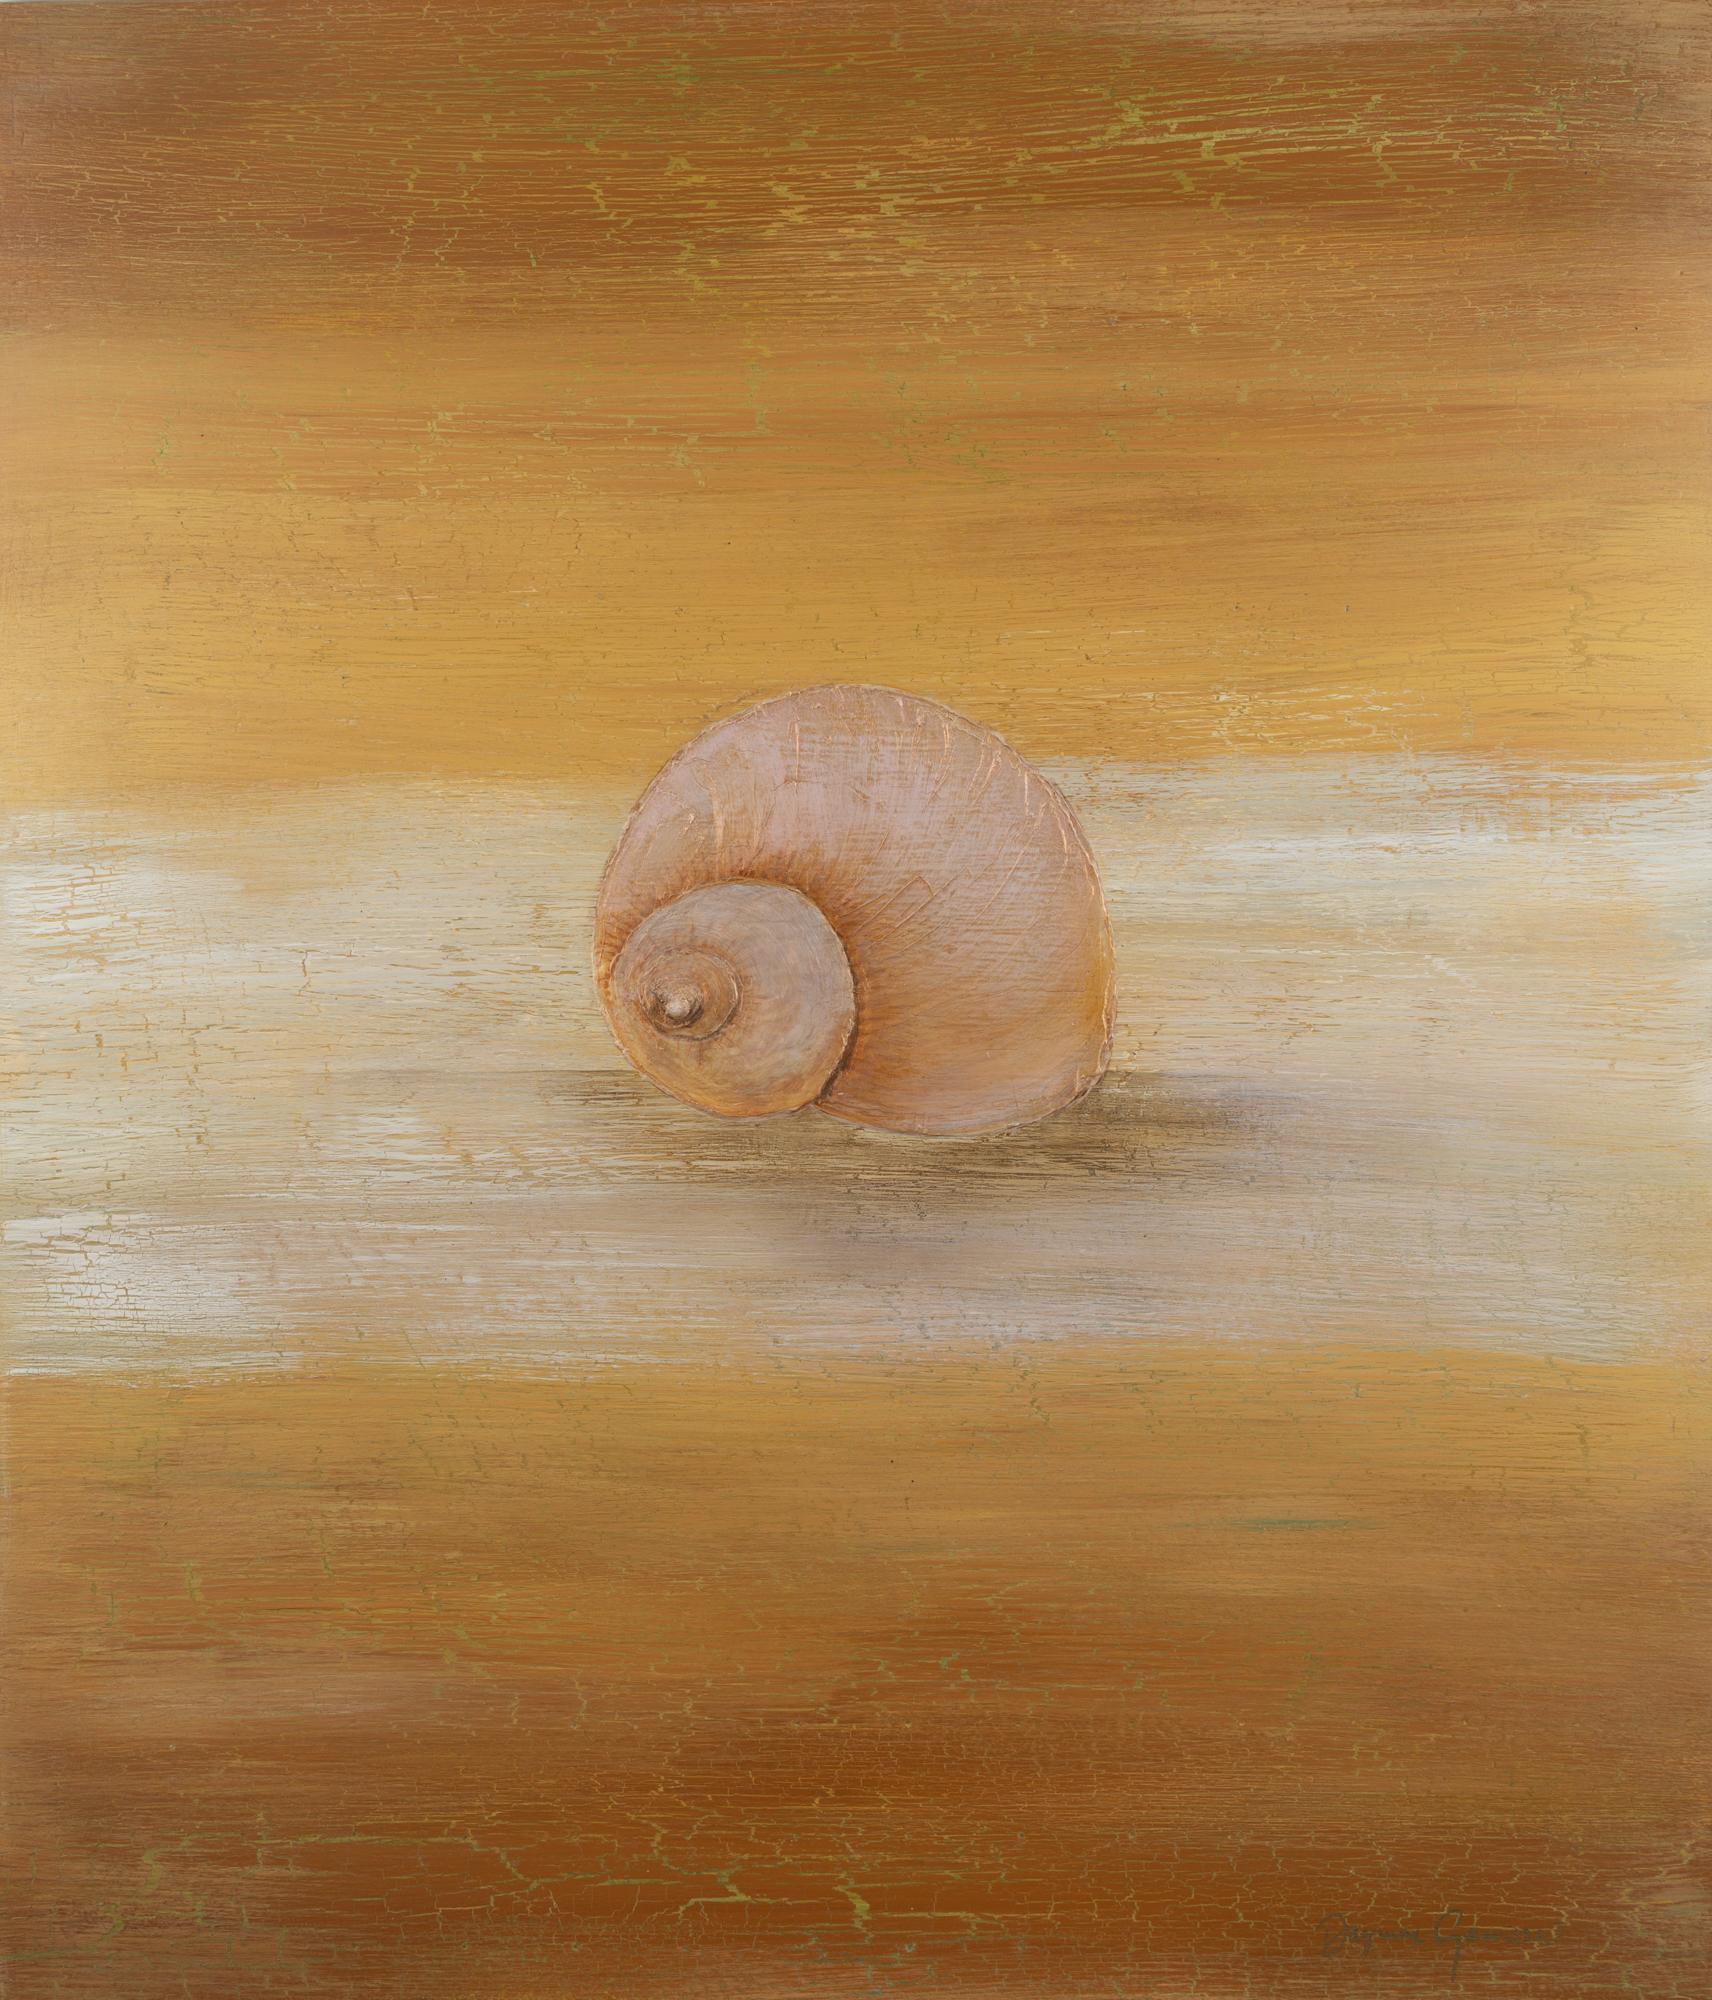 Gold Sea Snail